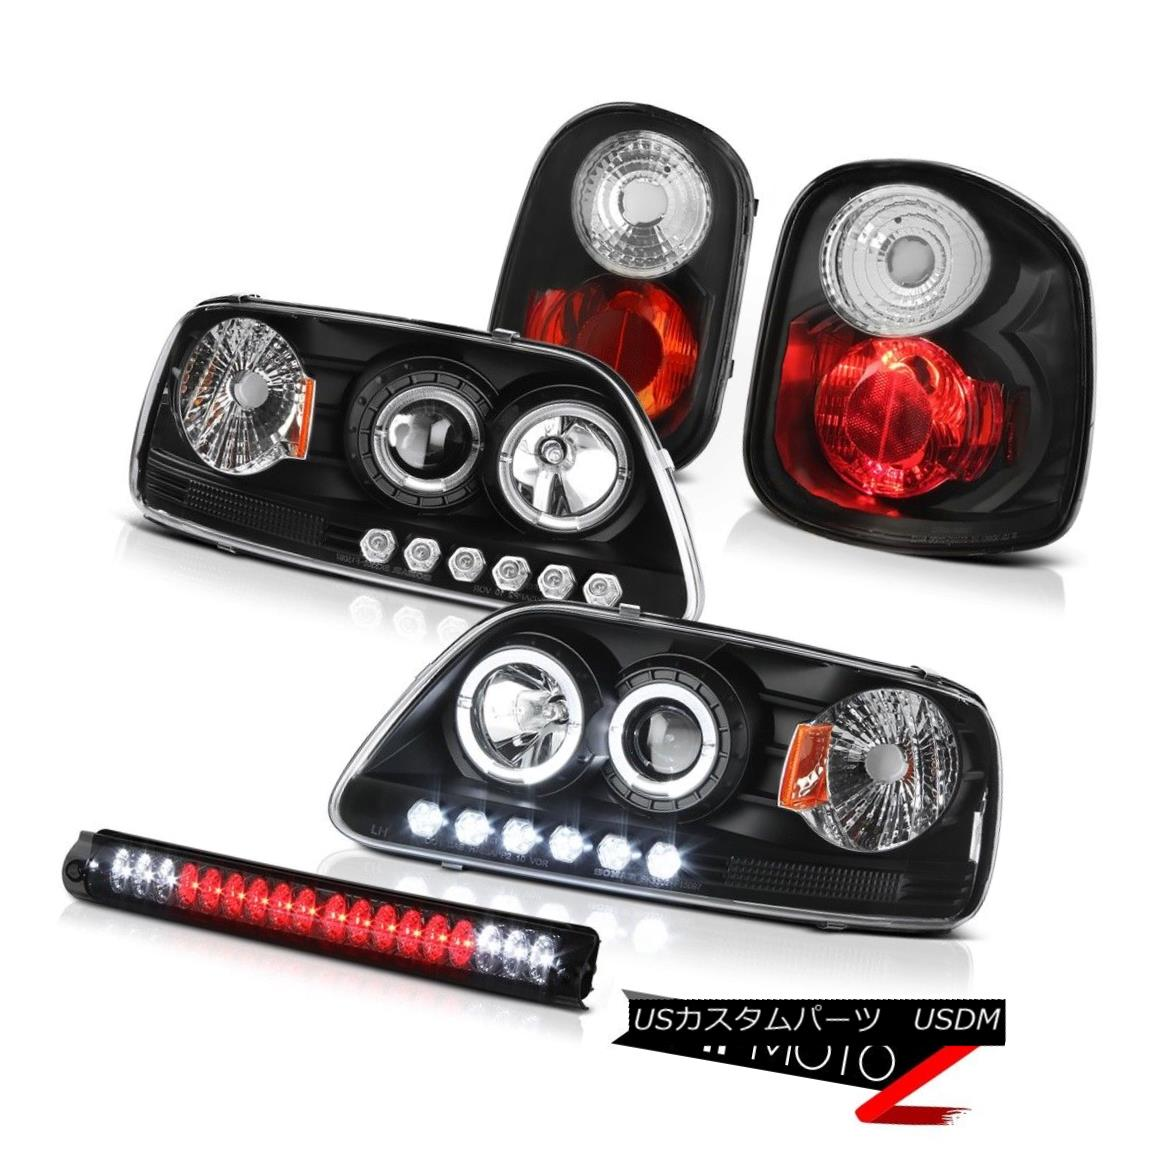 ヘッドライト Black Headlights SMD Taillights High LED 01 02 03 F150 Flareside Harley Davidson ブラックヘッドライトSMDテールライトハイLED 01 02 03 F150 Flareside Harley Davidson